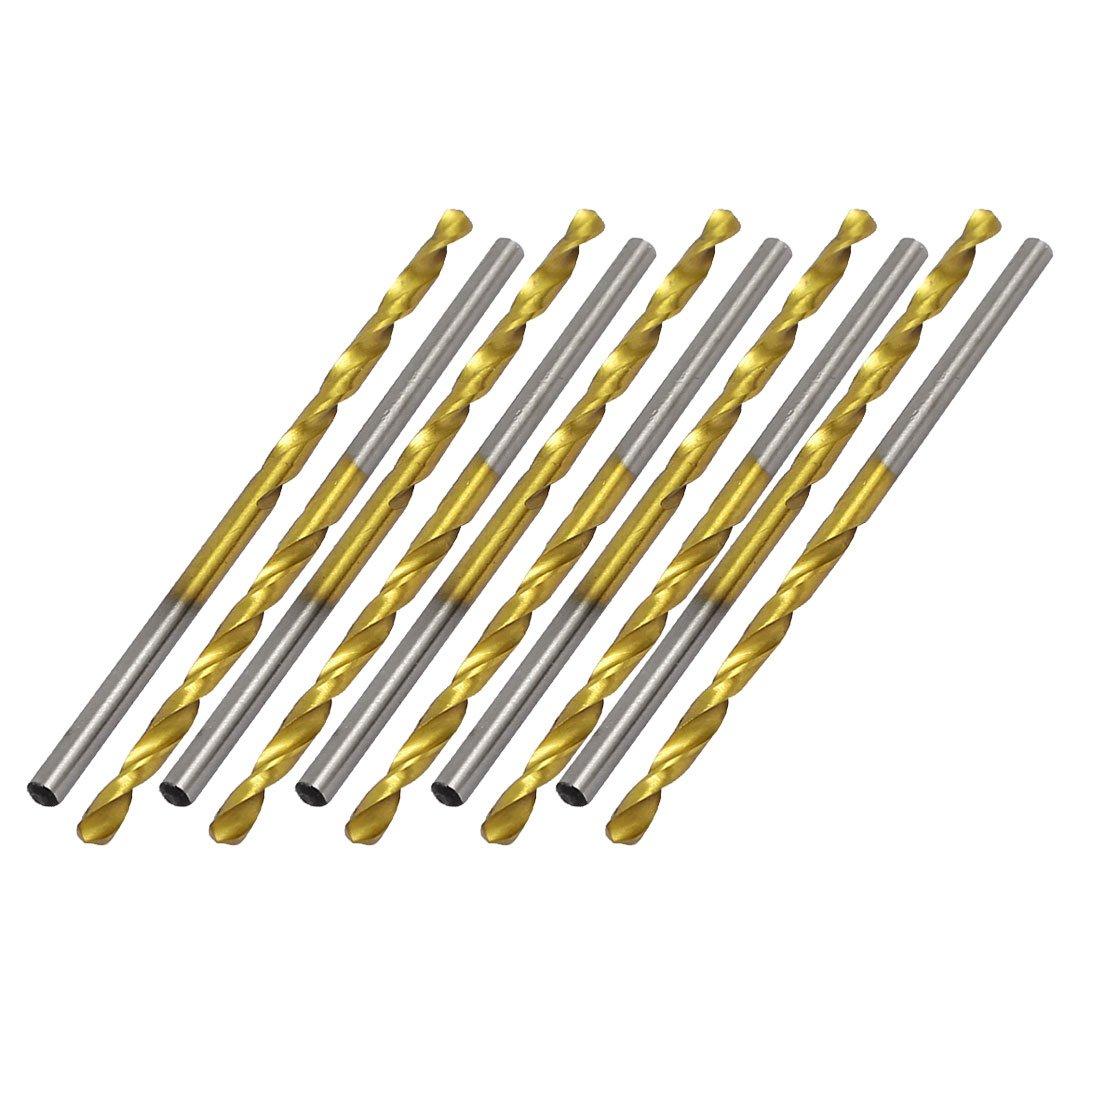 uxcell 2.6mm Dia 57mm Length Titanium Plated 2-Flute Straight Shank Twist Drill Bit 10pcs